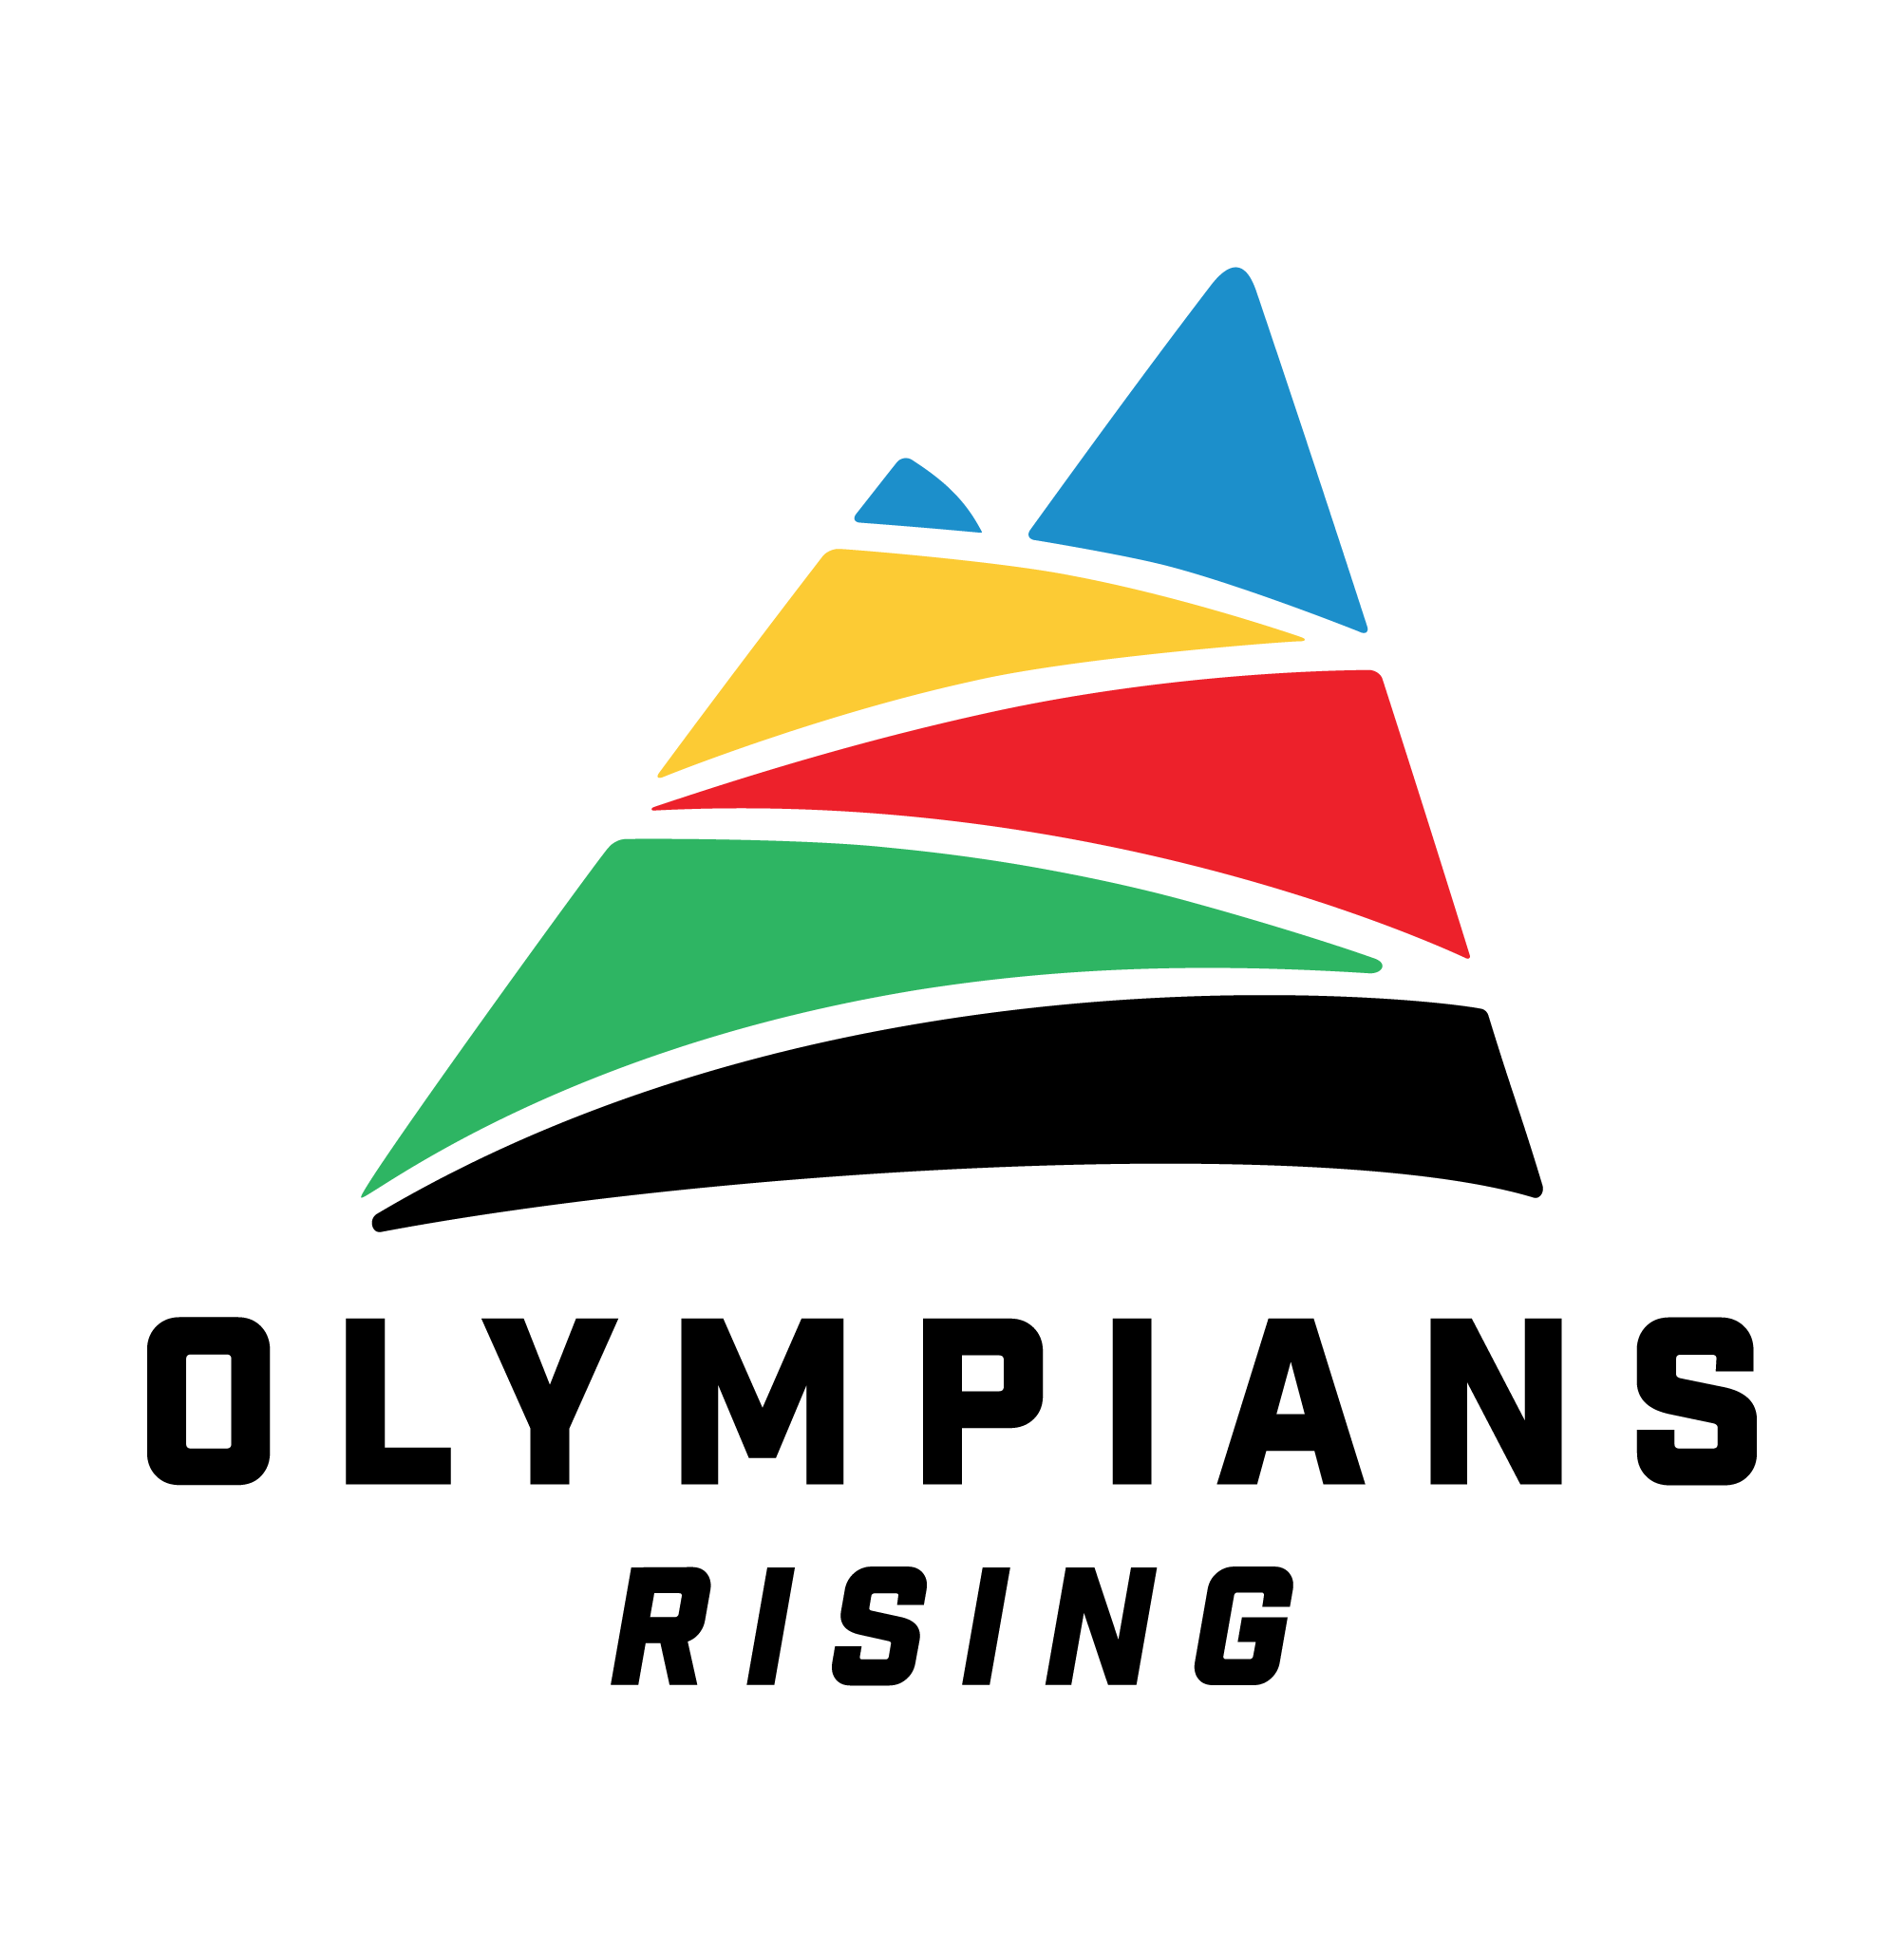 Olympians Rising